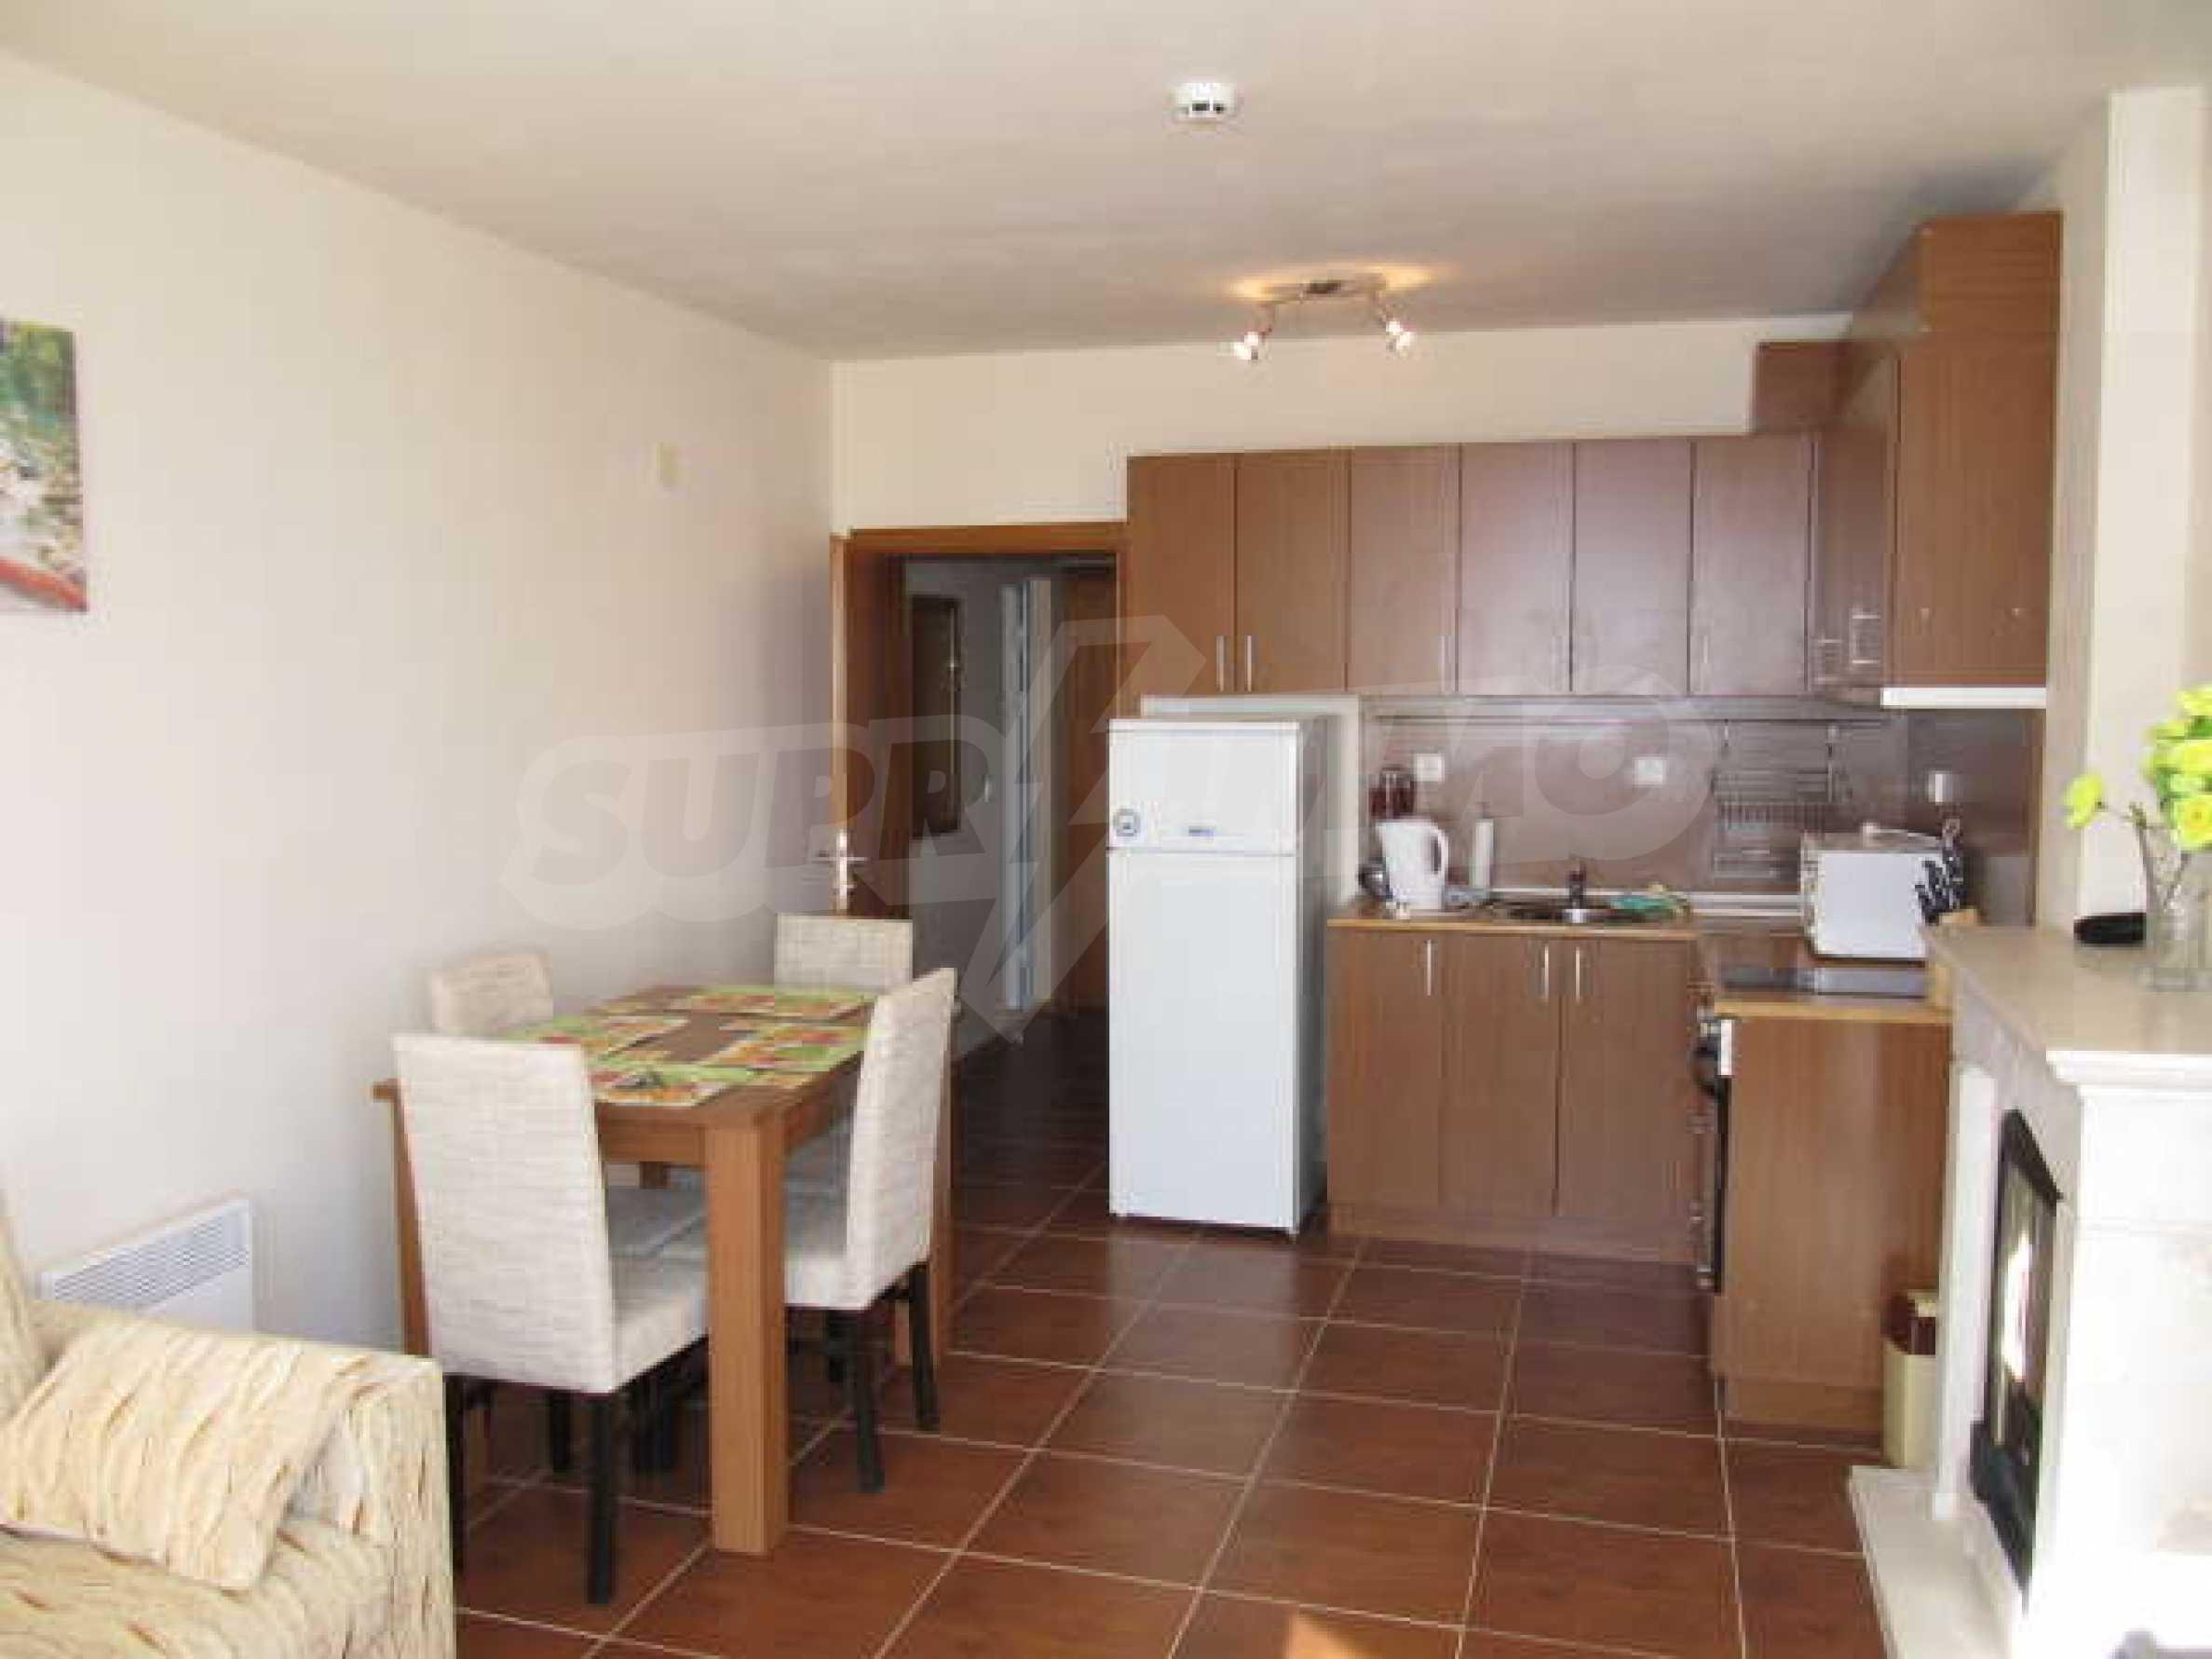 Komplett eingerichtete und ausgestattete Wohnung im Lucky-Komplex in Pamporovo 1